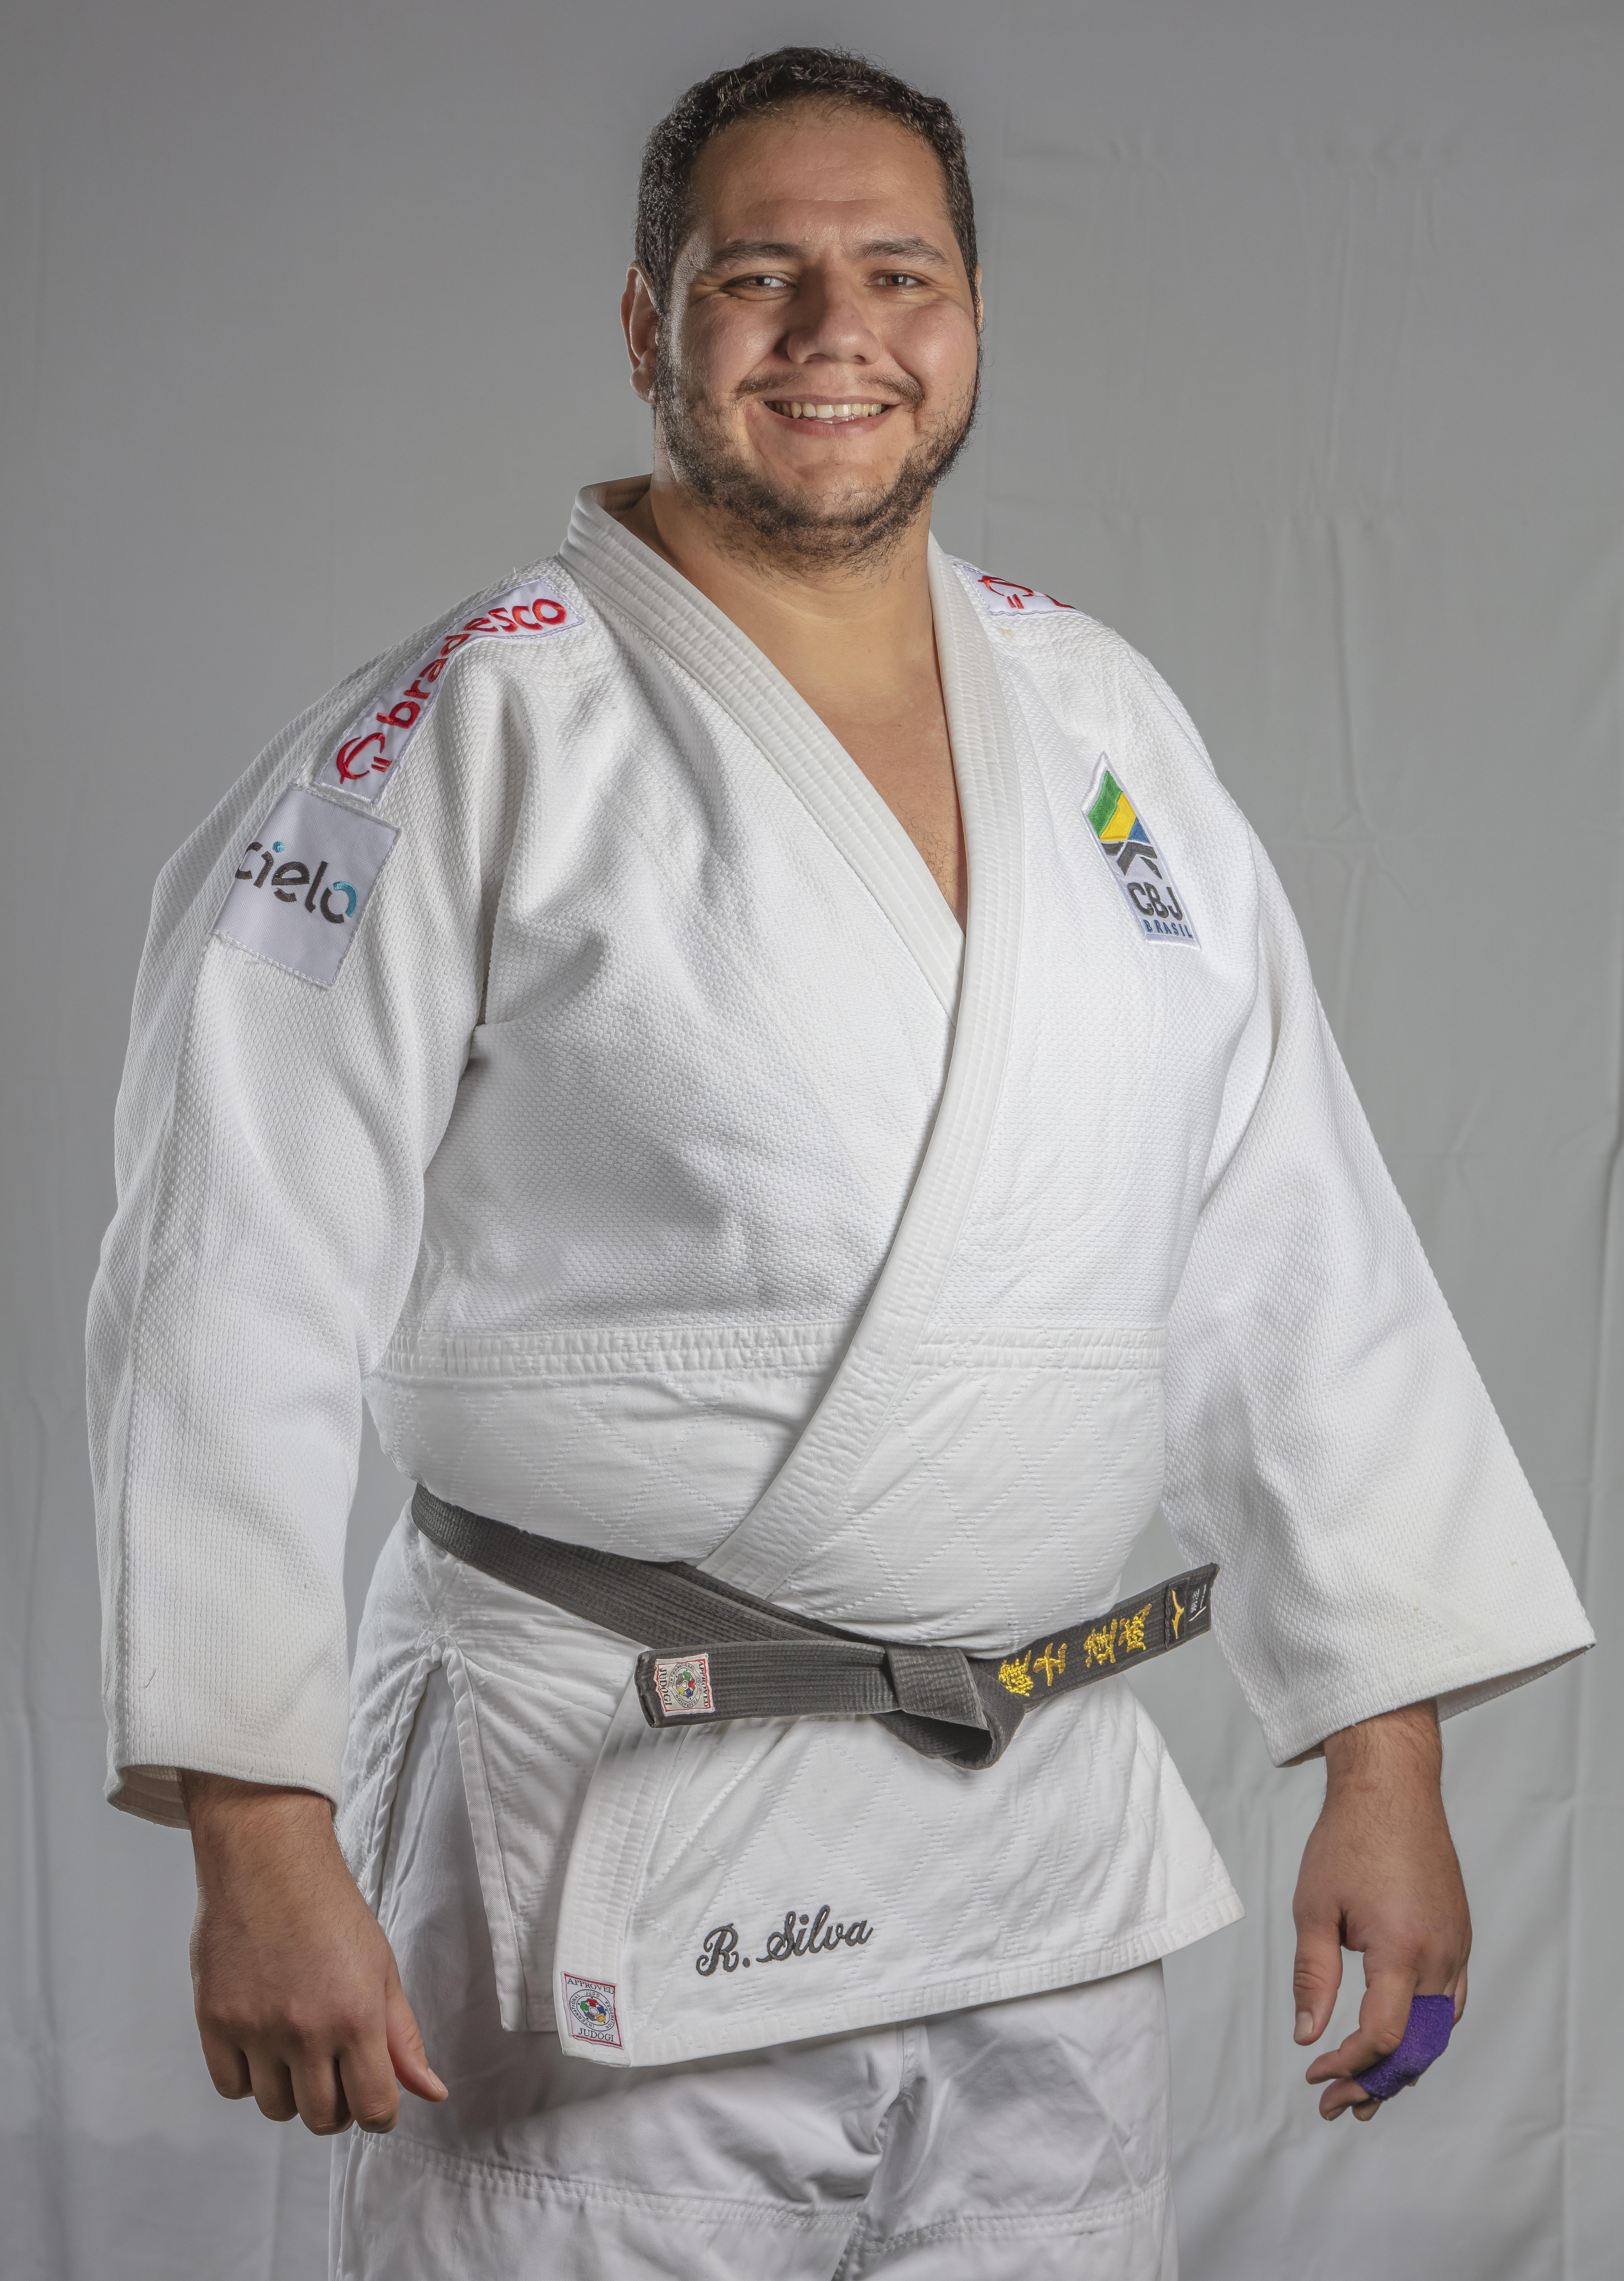 Rafael Carlos da Silva